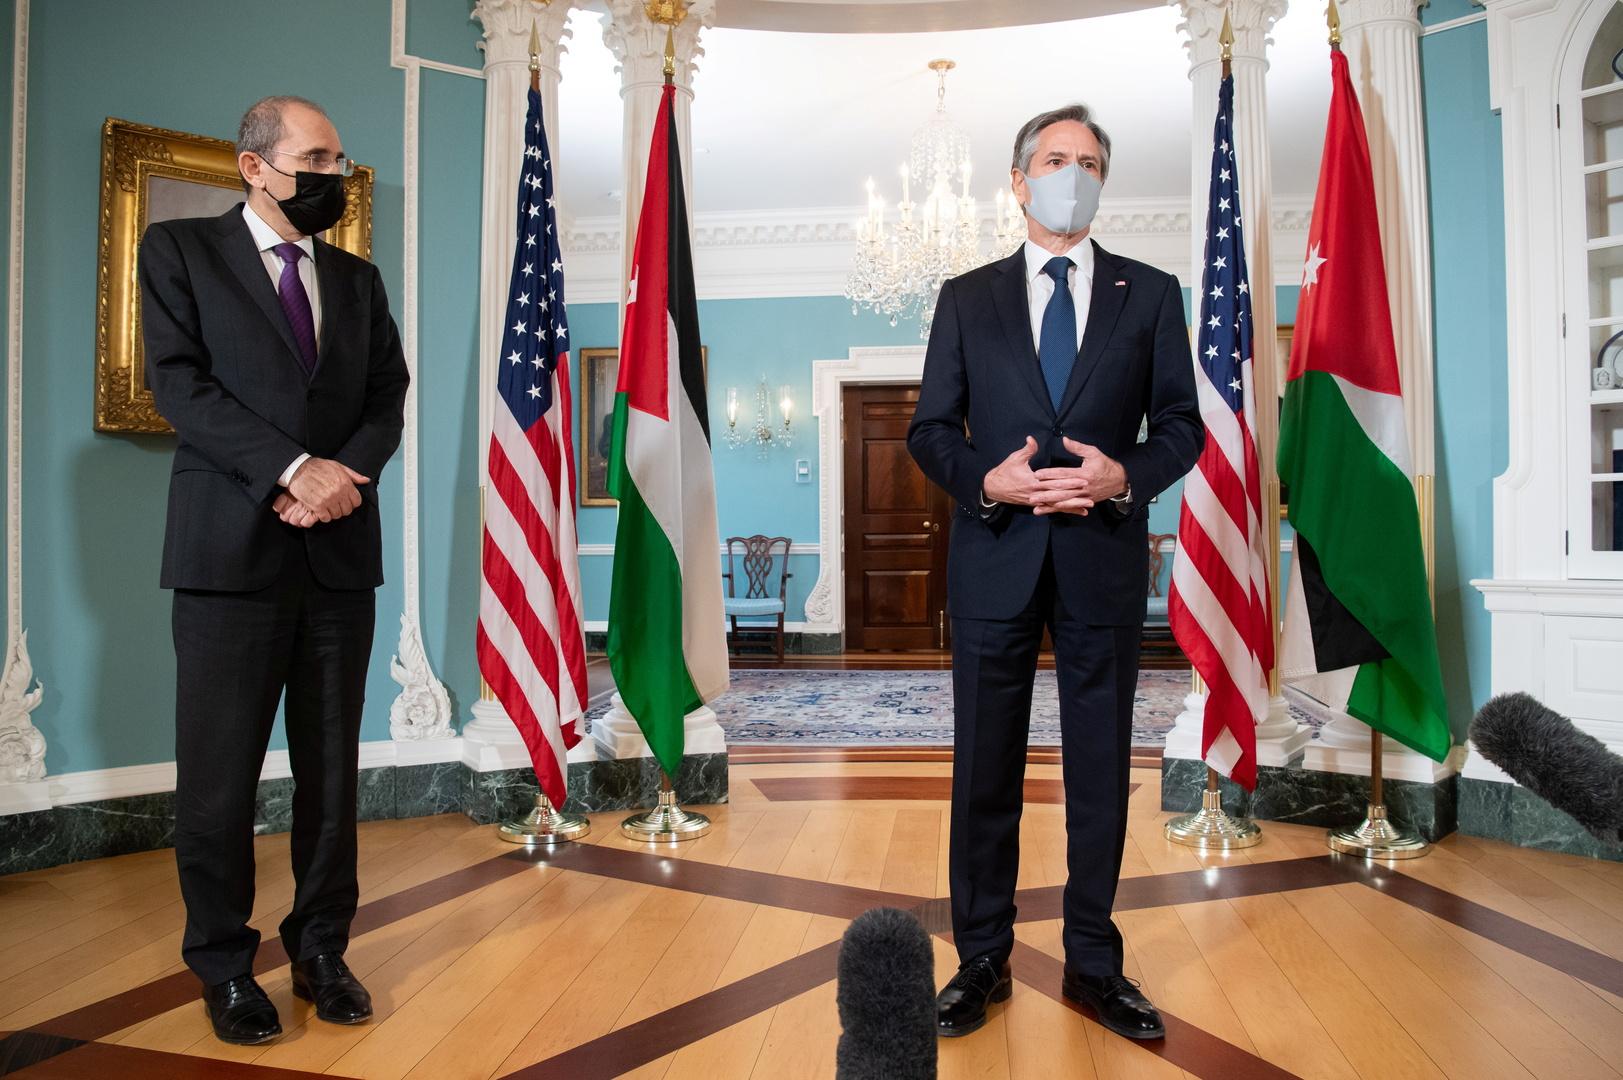 وزير الخارجية الأمريكي، أنتوني بلينكن، ونظيره الأردني، أيمن الصفدي.